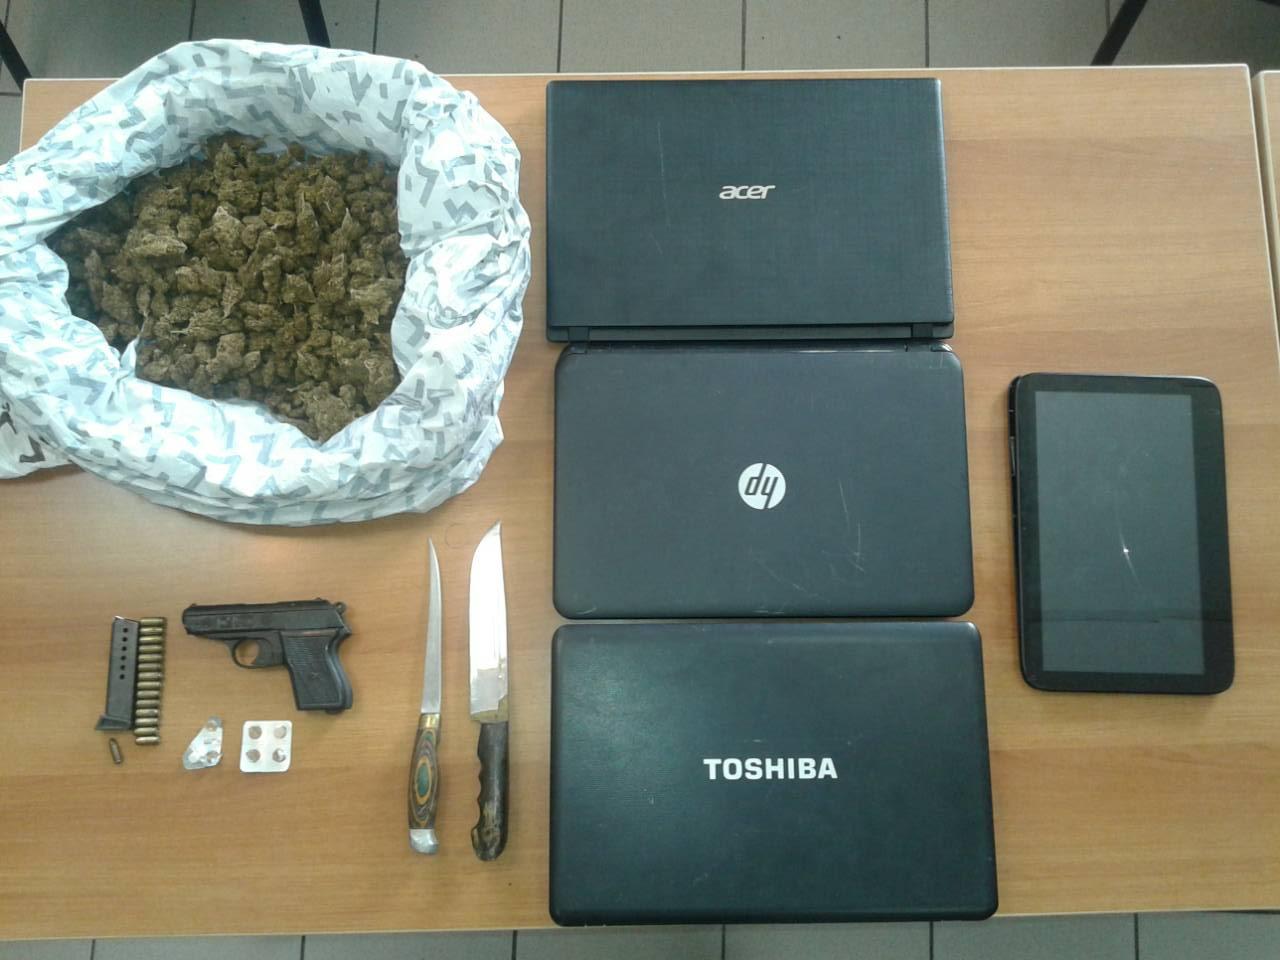 Συνελήφθη, 65χρονη  για παραβάσεις της Νομοθεσίας περί ναρκωτικών ουσιών και όπλων,  στο Ηράκλειο